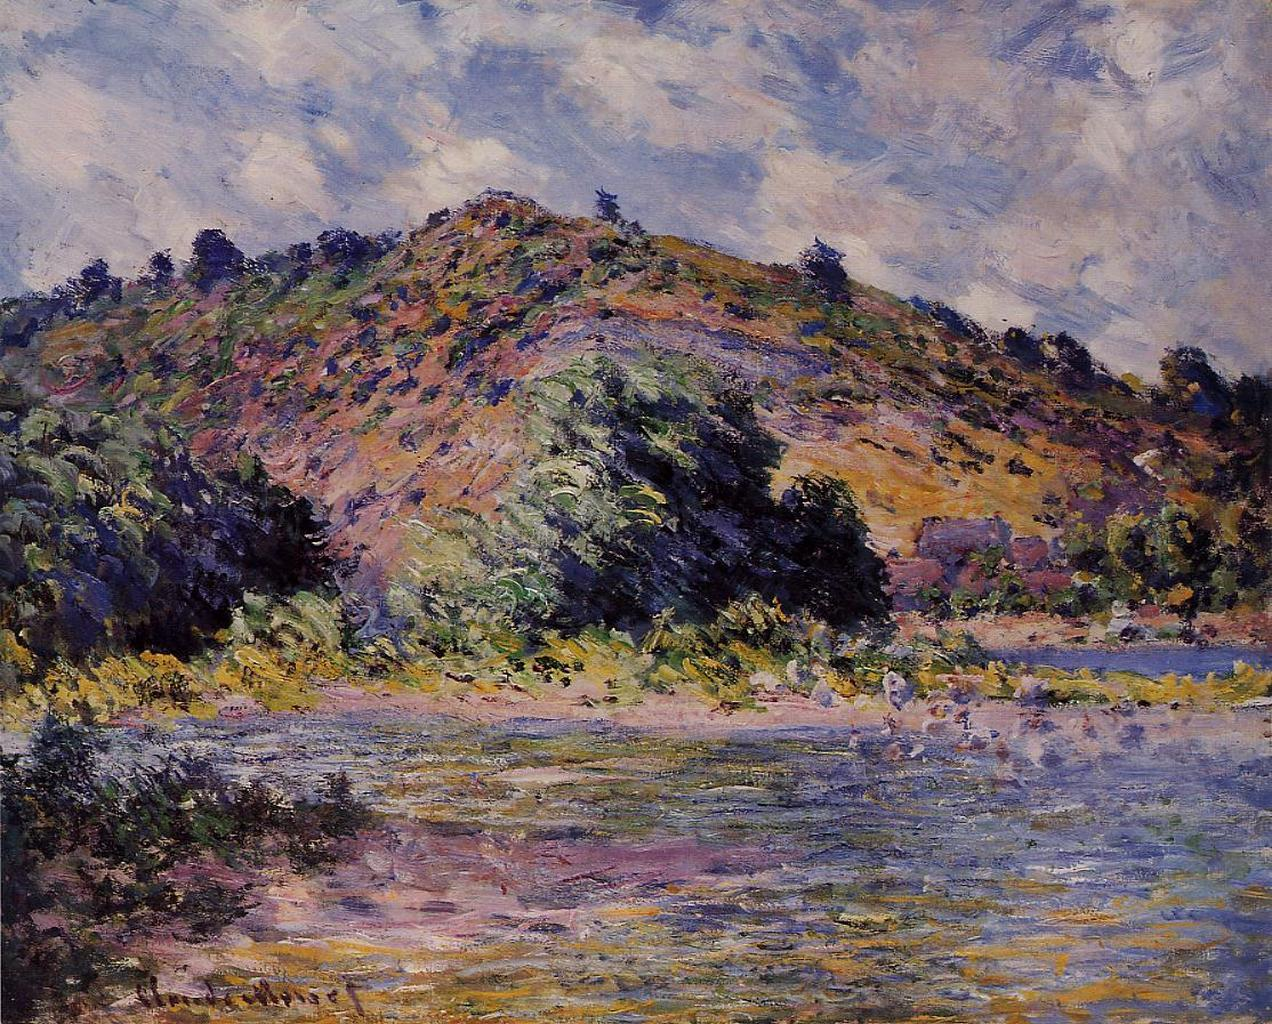 речной пейзаж < Берега Сены, Порт-Вилле >:: Клод Моне, описание картины - Моне Клод (Claude Monet) фото